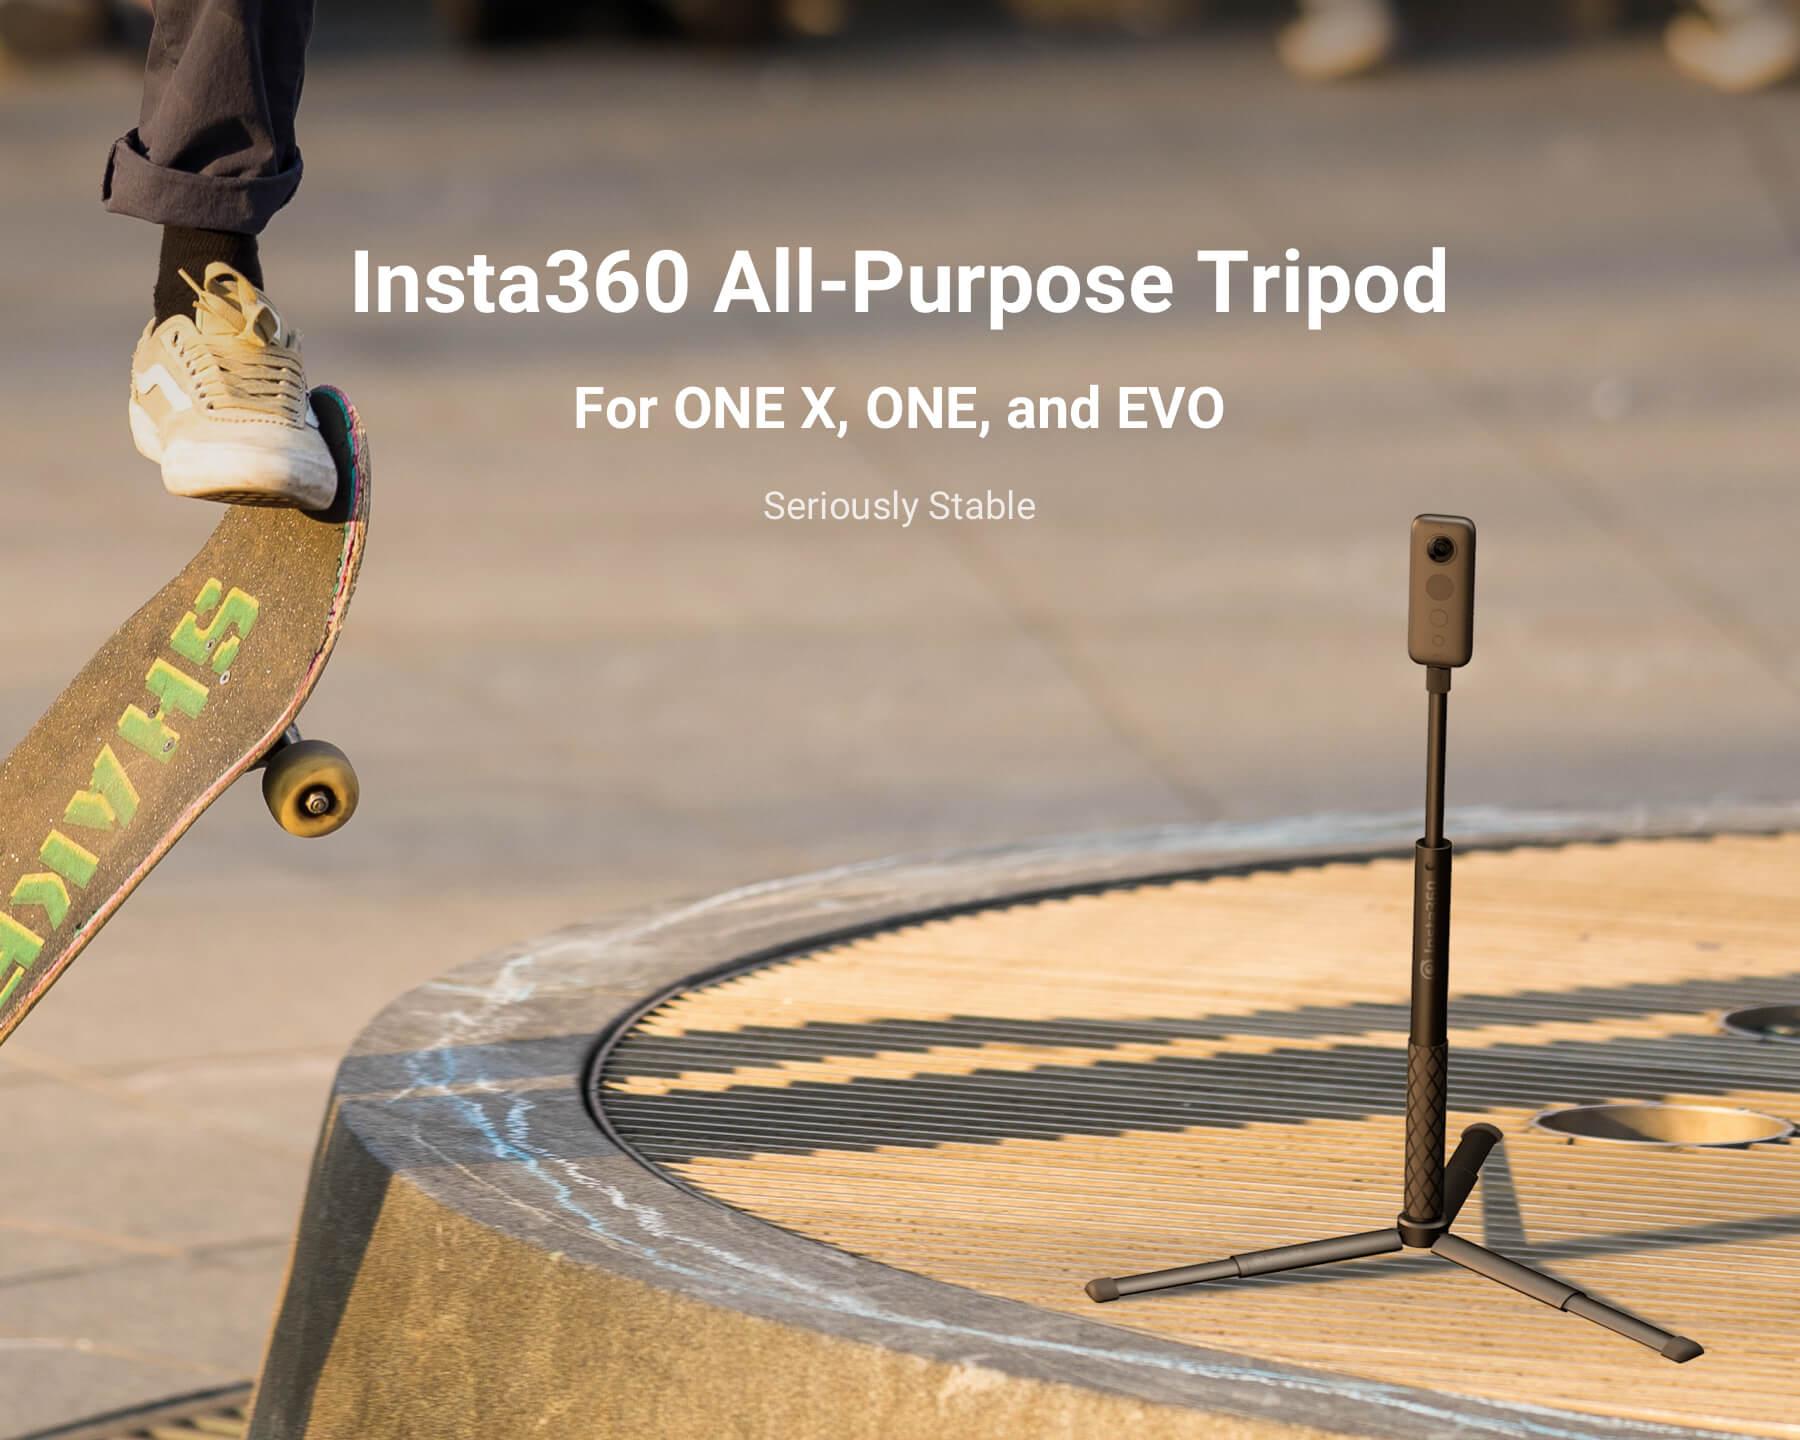 Znalezione obrazy dla zapytania insta360 all purpose tripod